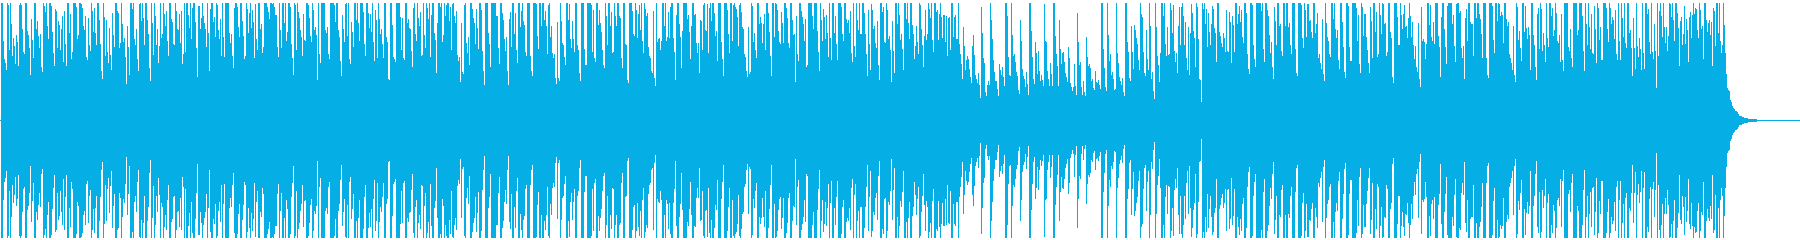 クリスマスBGM 可愛くしっかりサウンドの再生済みの波形